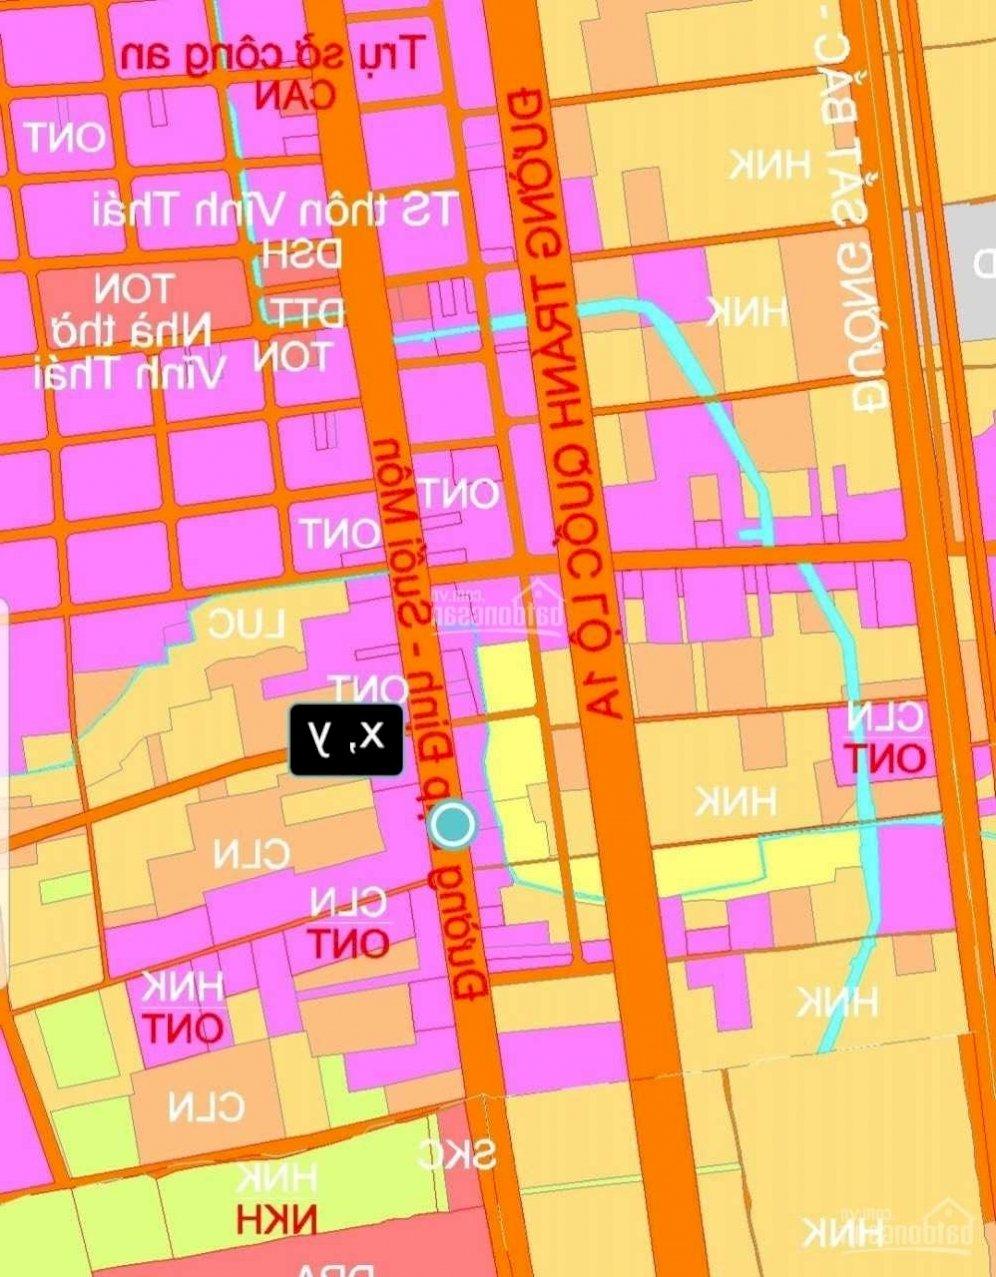 Bán Lô đất MT đường 42m tuyến đường kết nối từ khu CN Suối Dầu đến TP Cam Ranh. Vị trí tiềm năng